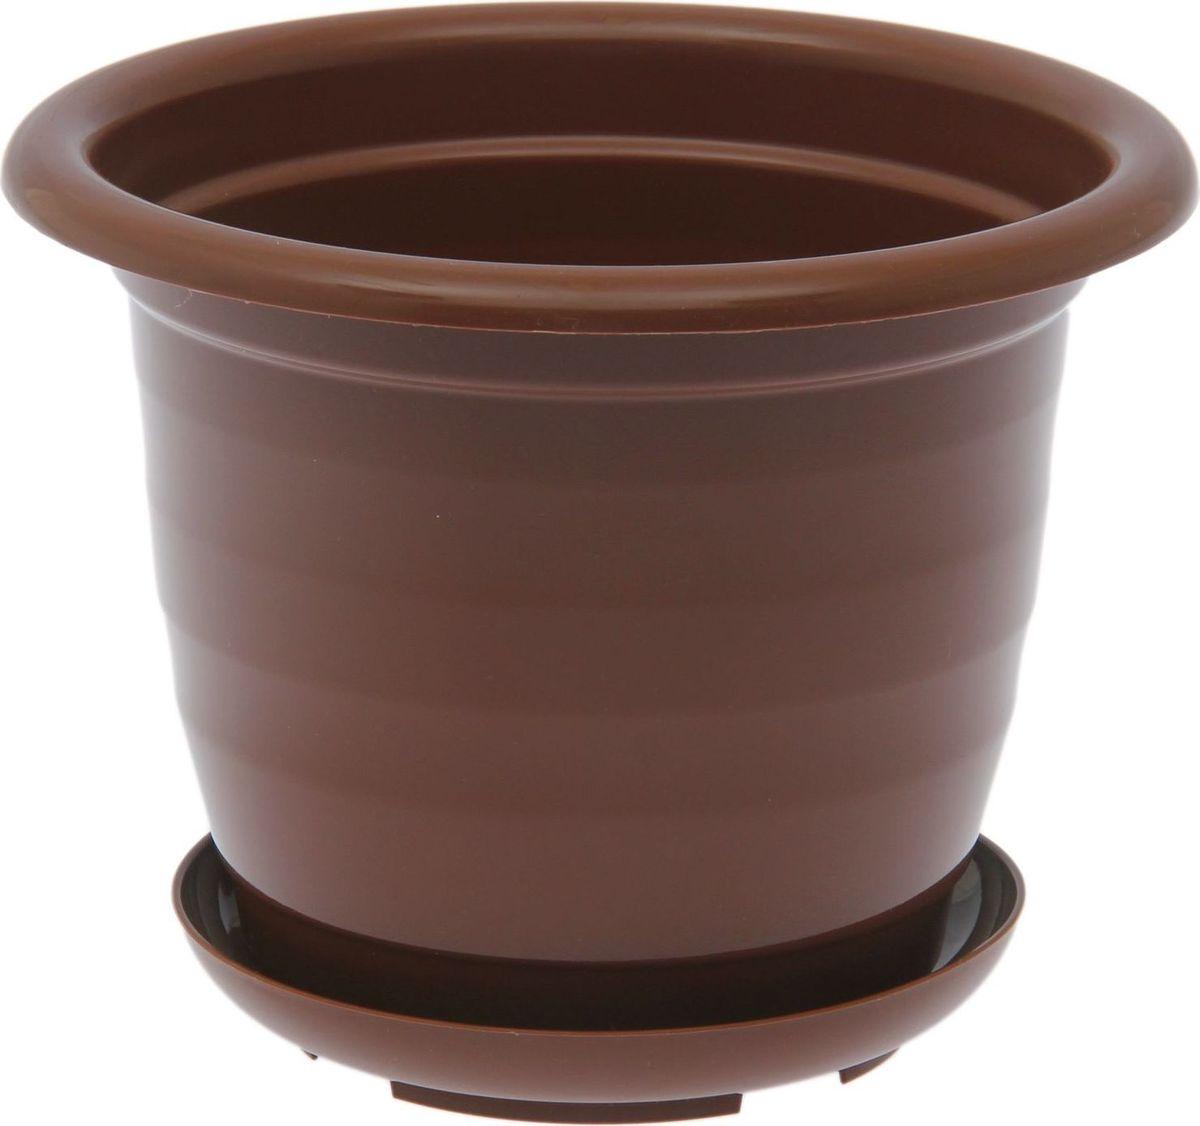 Горшок для цветов Доляна, цвет: коричневый, 2 л1345278Горшок для цветов Доляна выполнен из пластика. Пластик дольше хранит влагу, а значит, растение реже нуждается в поливе, и не пропускает воздух, поэтому корневой системе растения не грозят резкие перепады температур.Пластиковые горшки имеют малый вес, поэтому их с легкостью можно переносить с места на место, ставить на столики или полки, не беспокоясь о нагрузке. Такие кашпо не царапают и не загрязняют поверхности, на которых стоят. Изделие не нуждается в специальных условиях хранения. Его легко чистить - достаточно просто сполоснуть теплой водой. Любой, даже самый современный и продуманный интерьер будет незавершенным без растений. Они не только очищают воздух и насыщают его кислородом, но и украшают окружающее пространство. Диаметр горшка: 19 см. Высота горшка: 15 см.